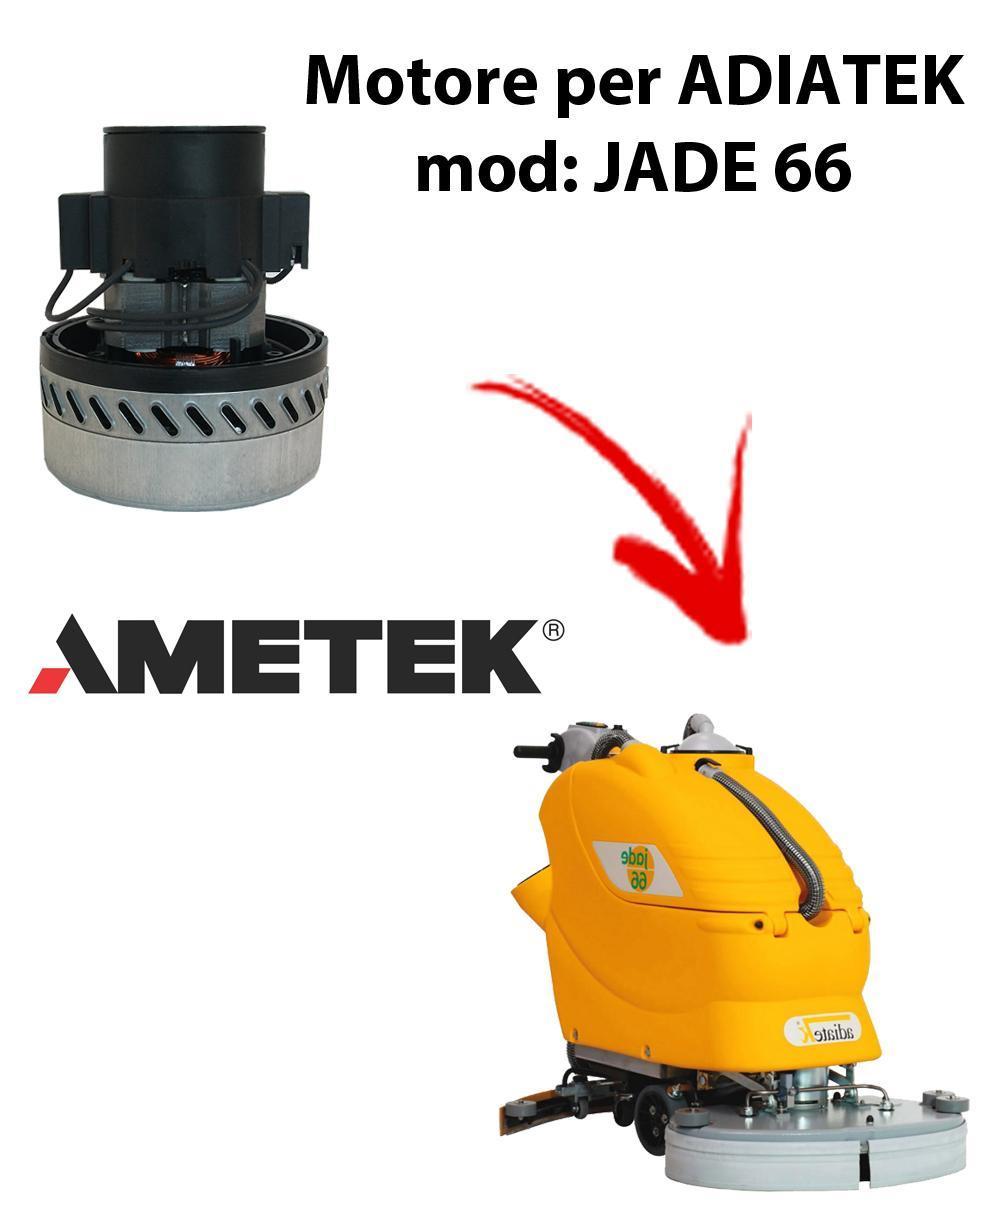 JADE 66 Saugmotor AMETEK ITALIA für scheuersaugmaschinen Adiatek